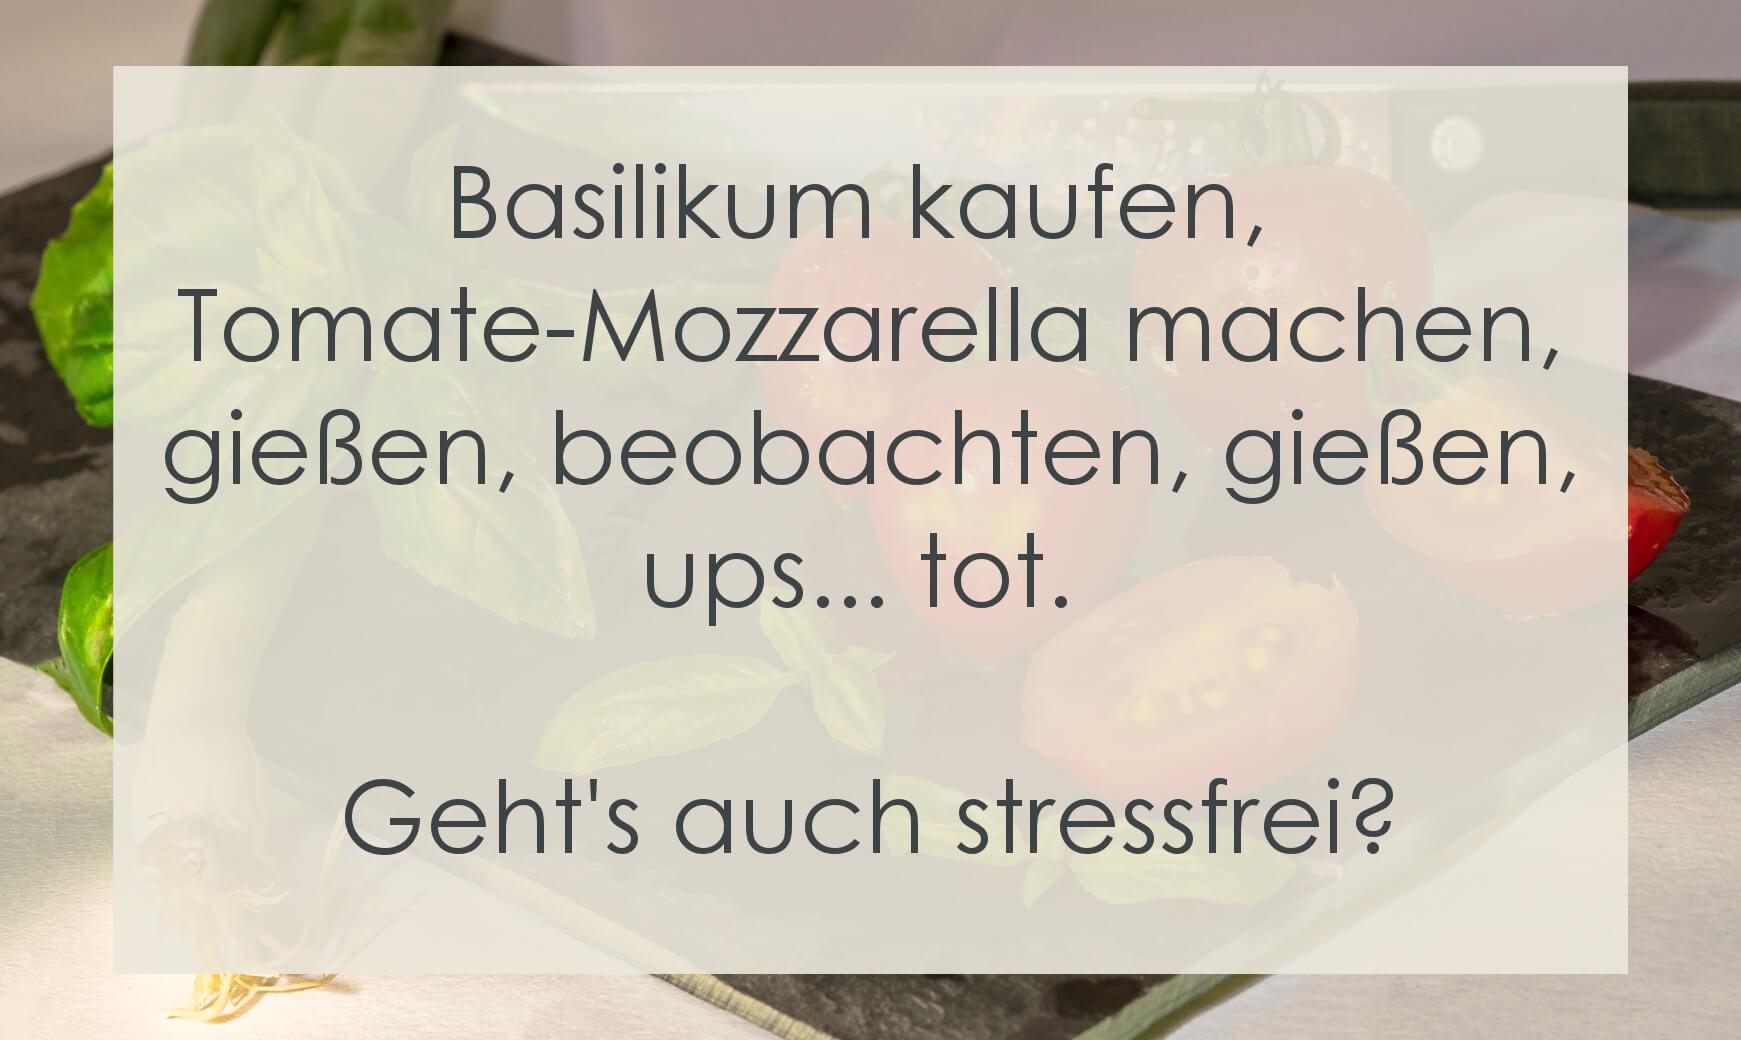 Basilikum kaufen, Tomate-Mozzarella machen, gießen, beobachten, gießen, ups... tot. Geht das auch stressfrei?